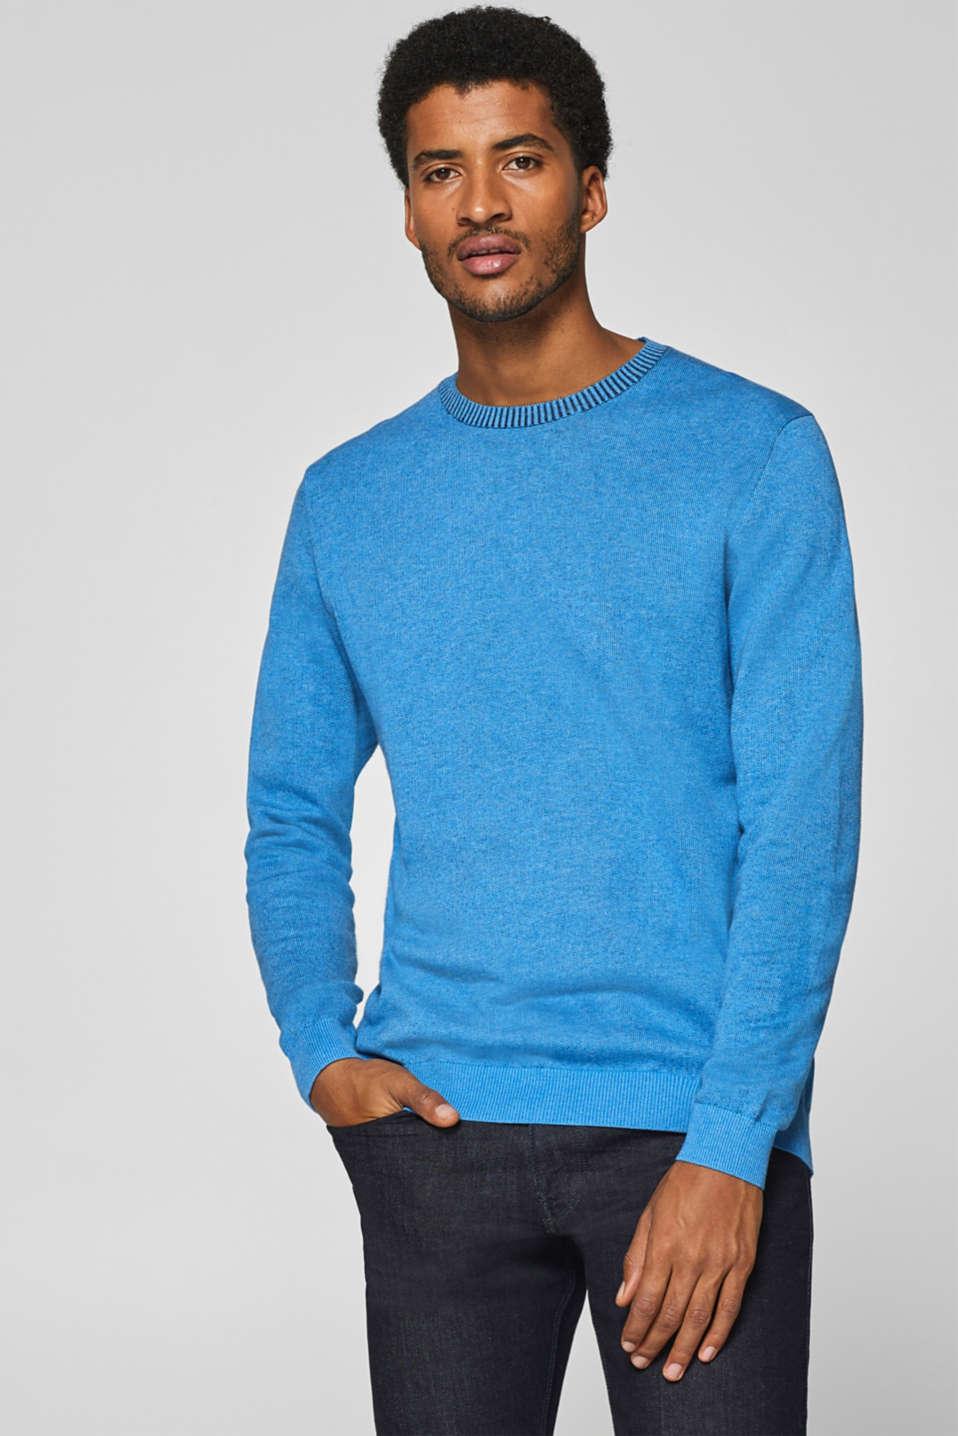 À Boutique Sur La 100 Over Esprit Acheter Pull Coton Bicolore nwqTggUWH